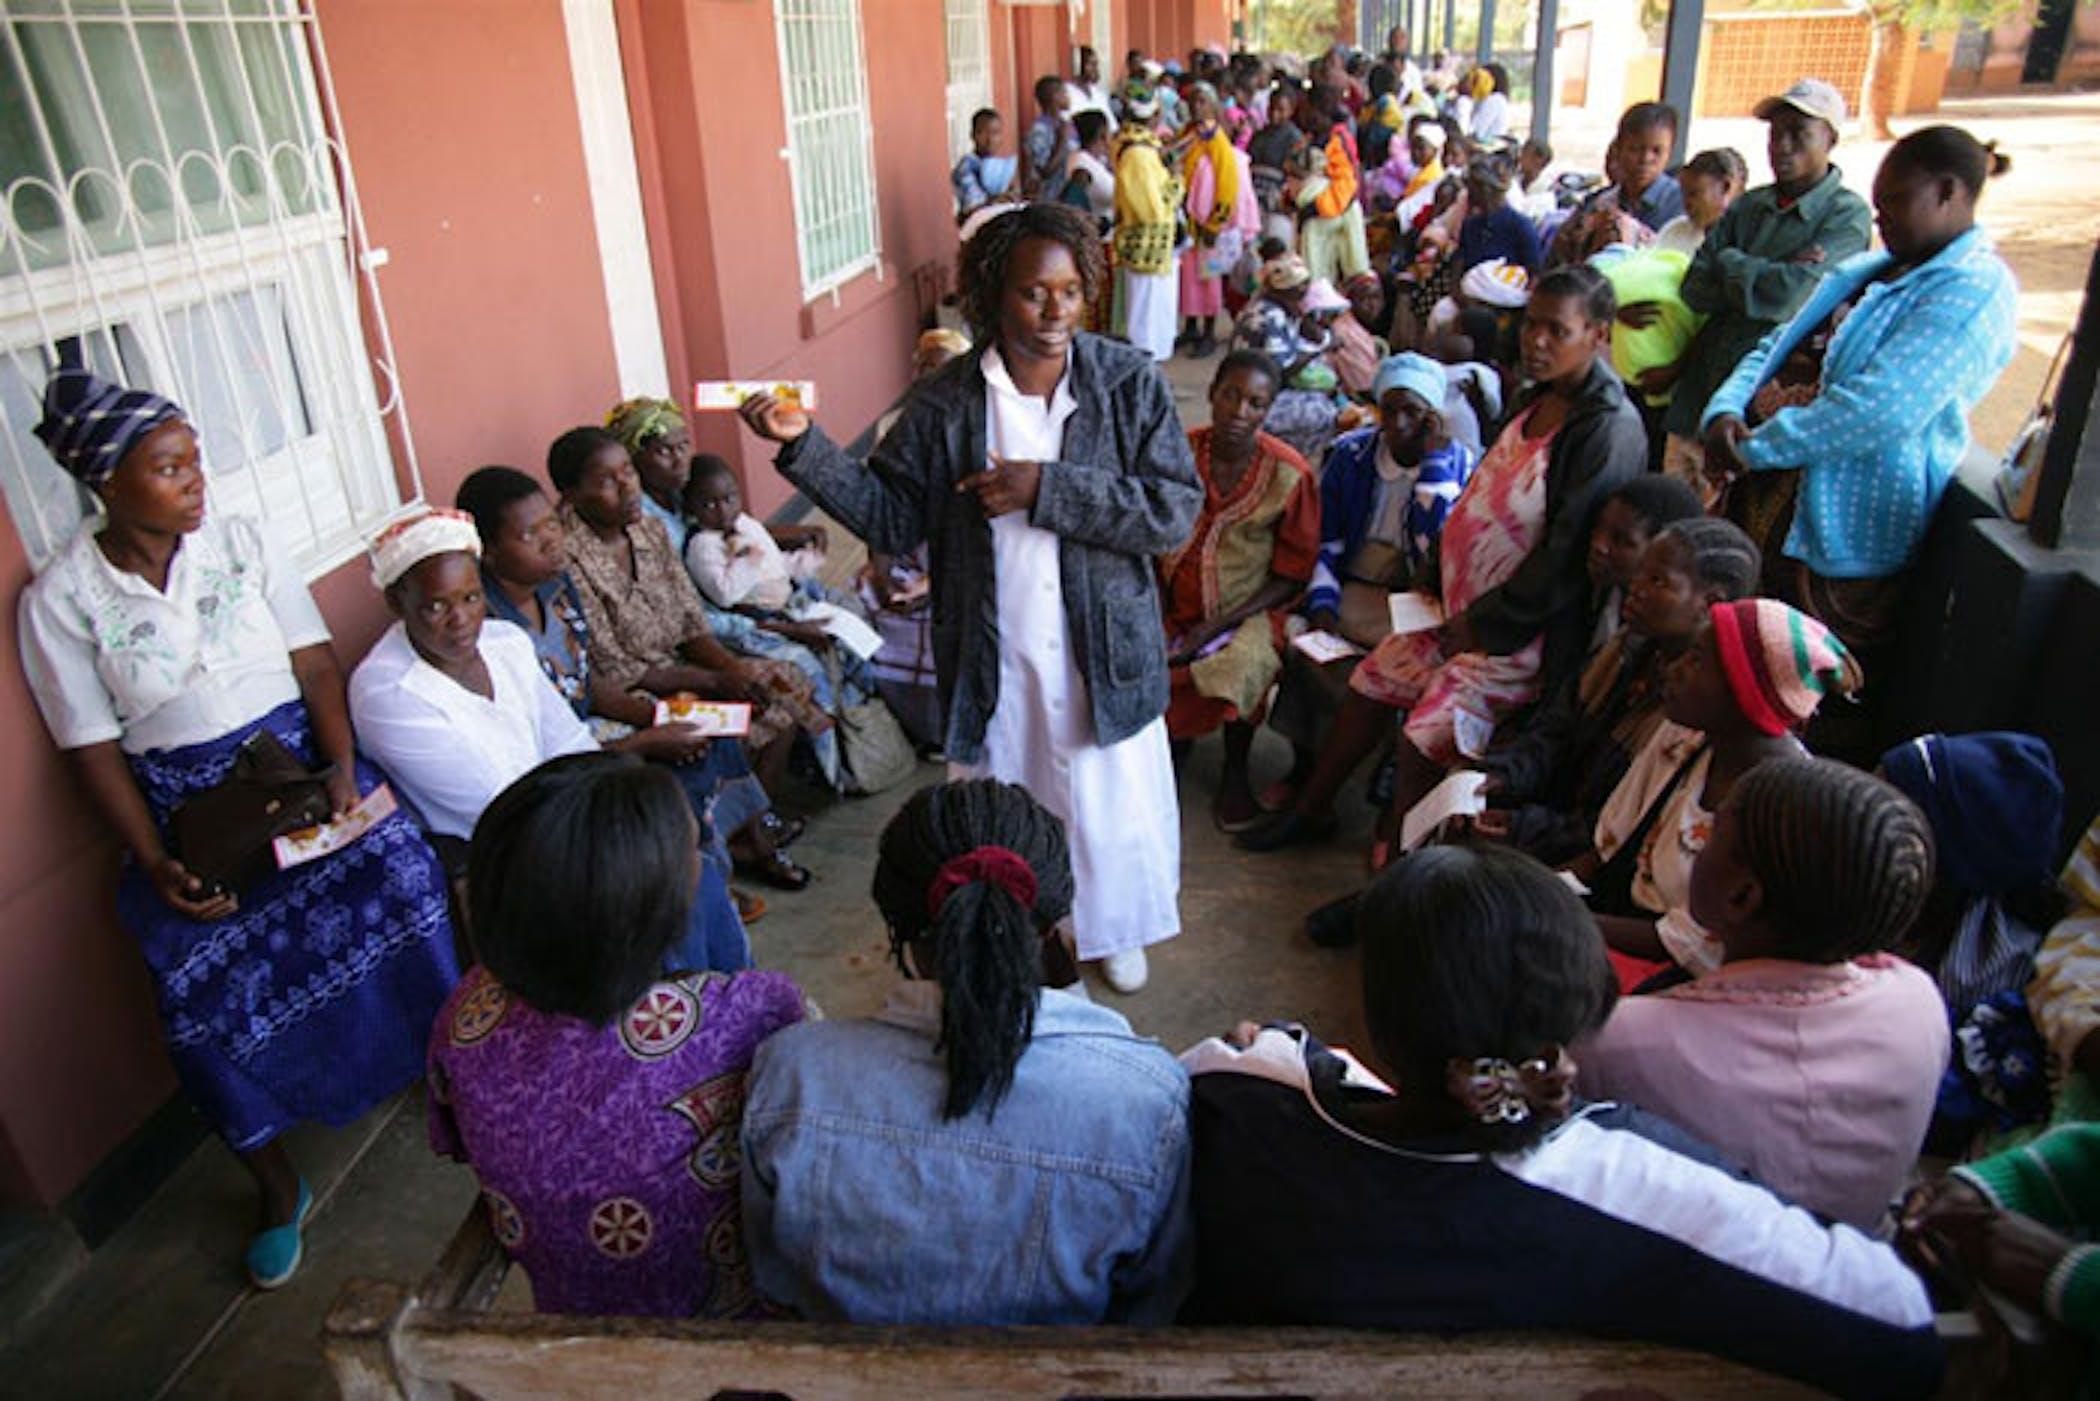 .UNICEF.NYHQ2006.2226.Giaco.jpg